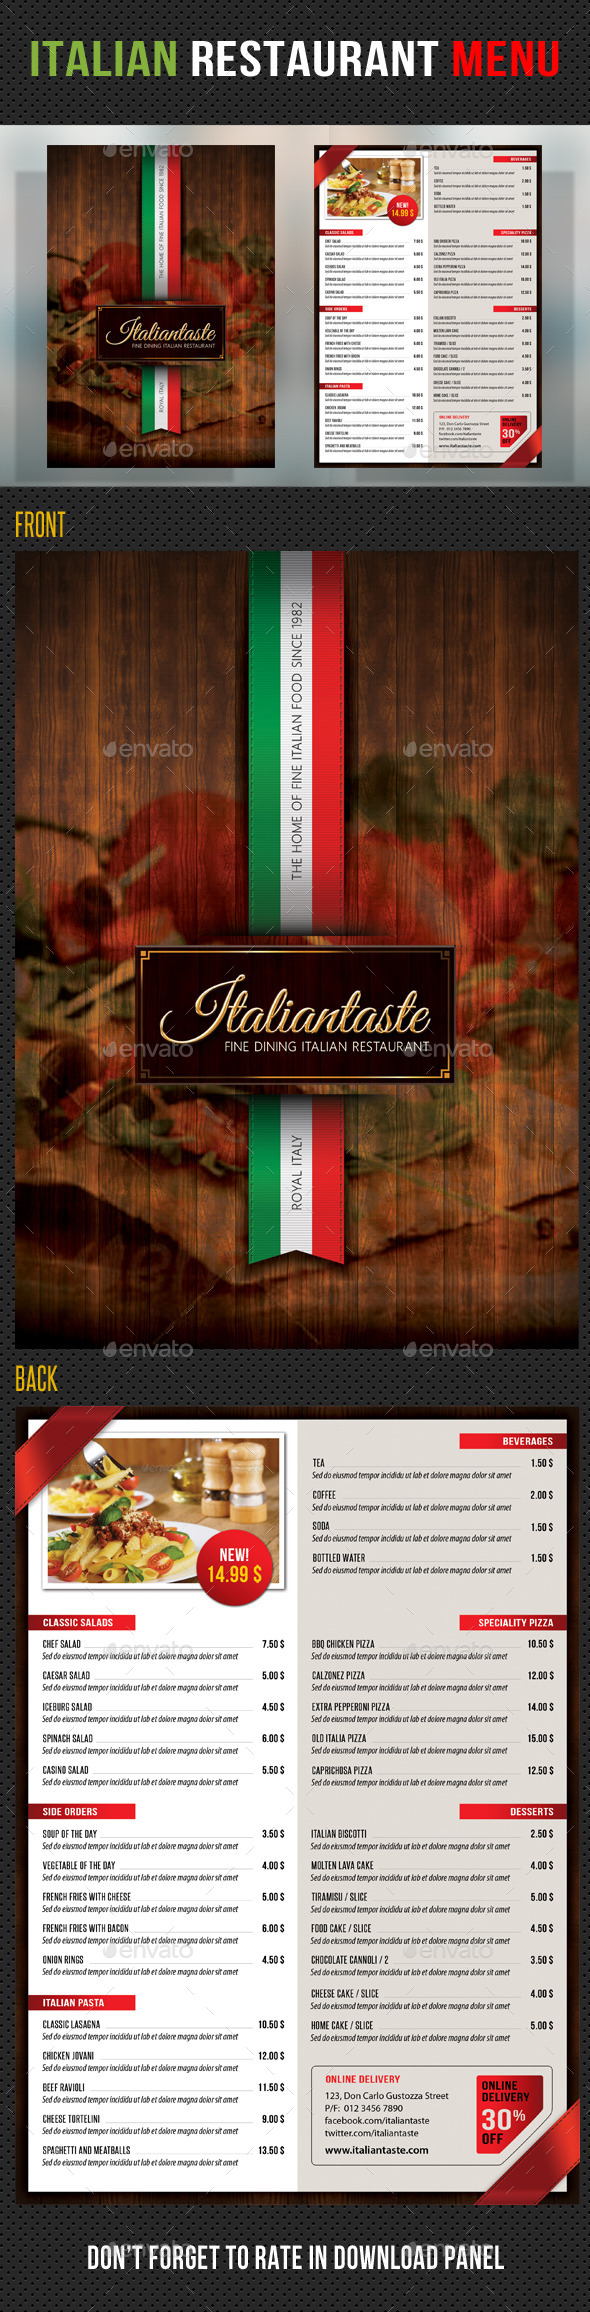 Restaurant Italian Graphics Designs Templates